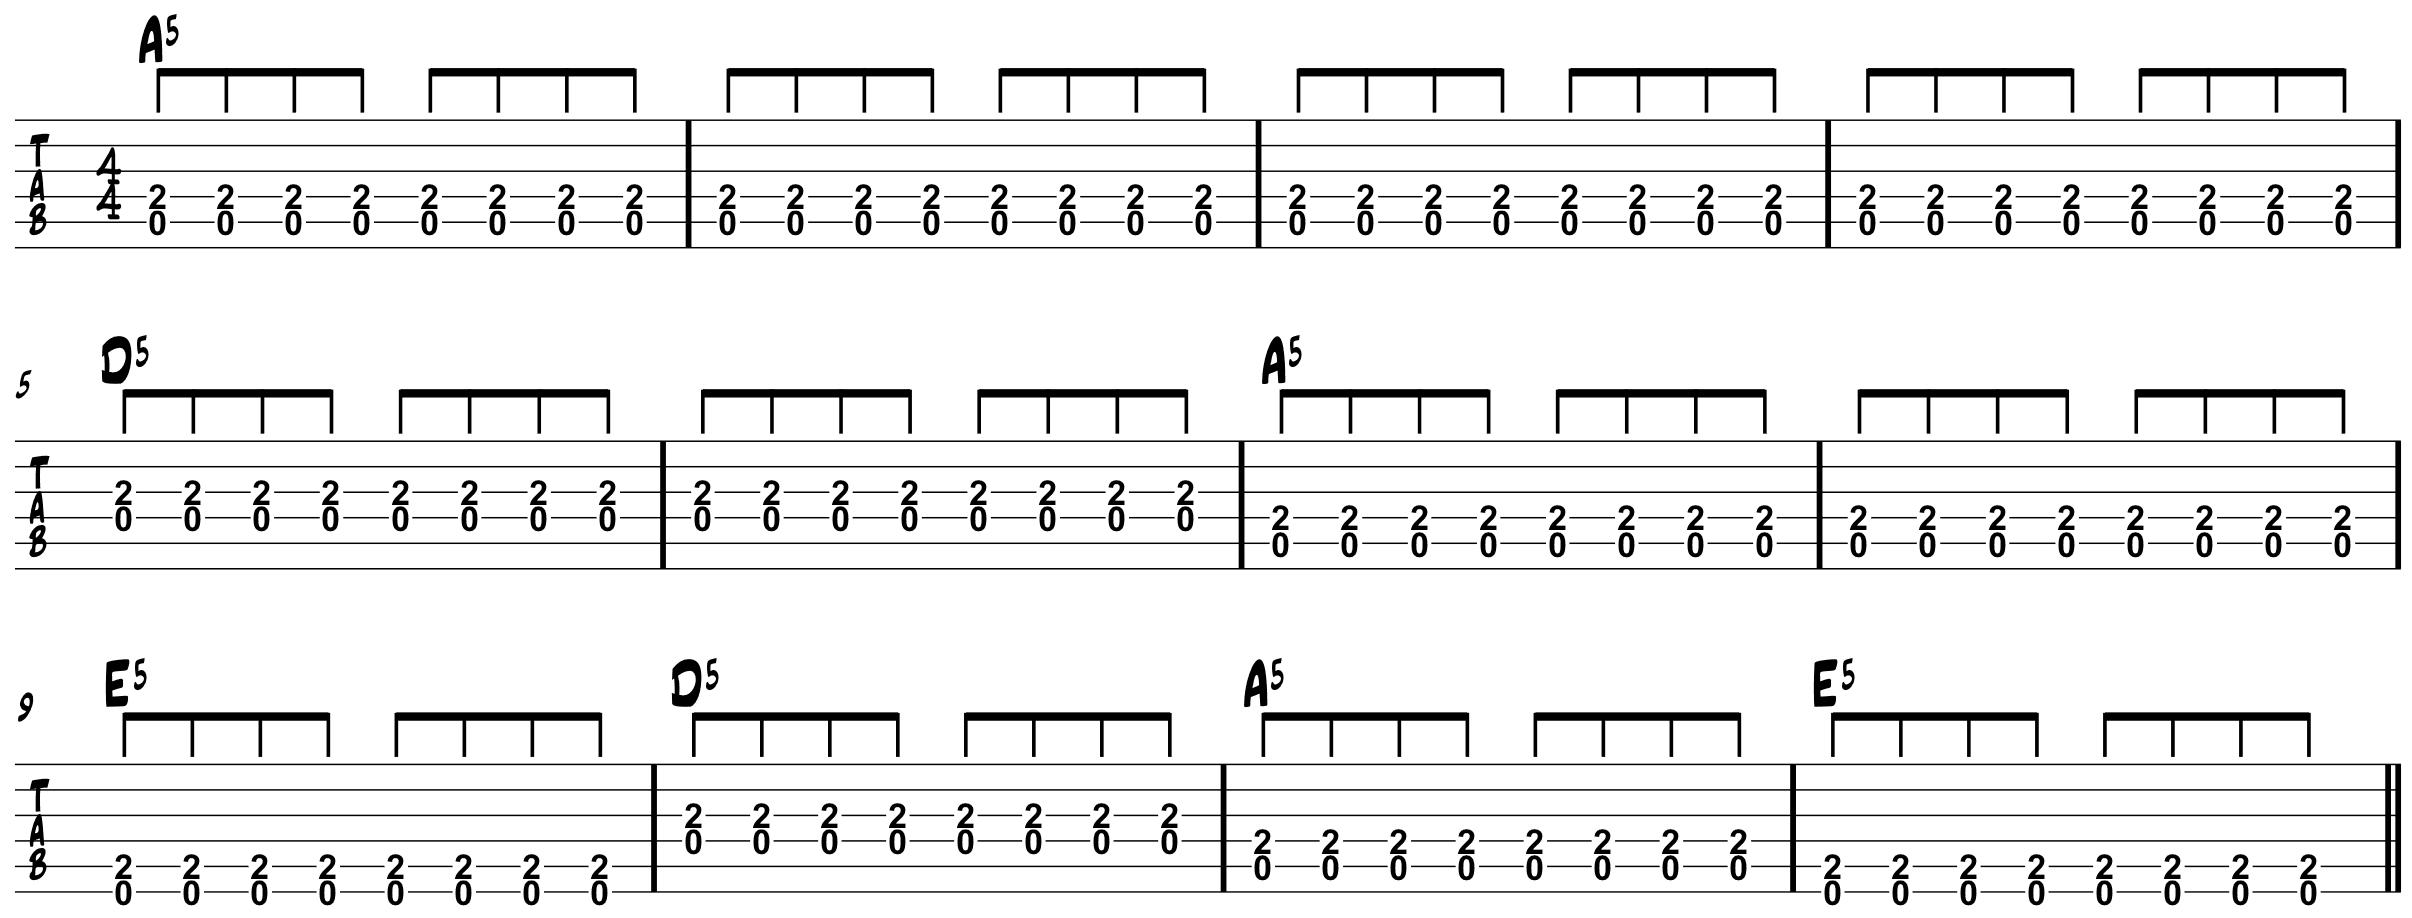 Blues Chord Chart 1